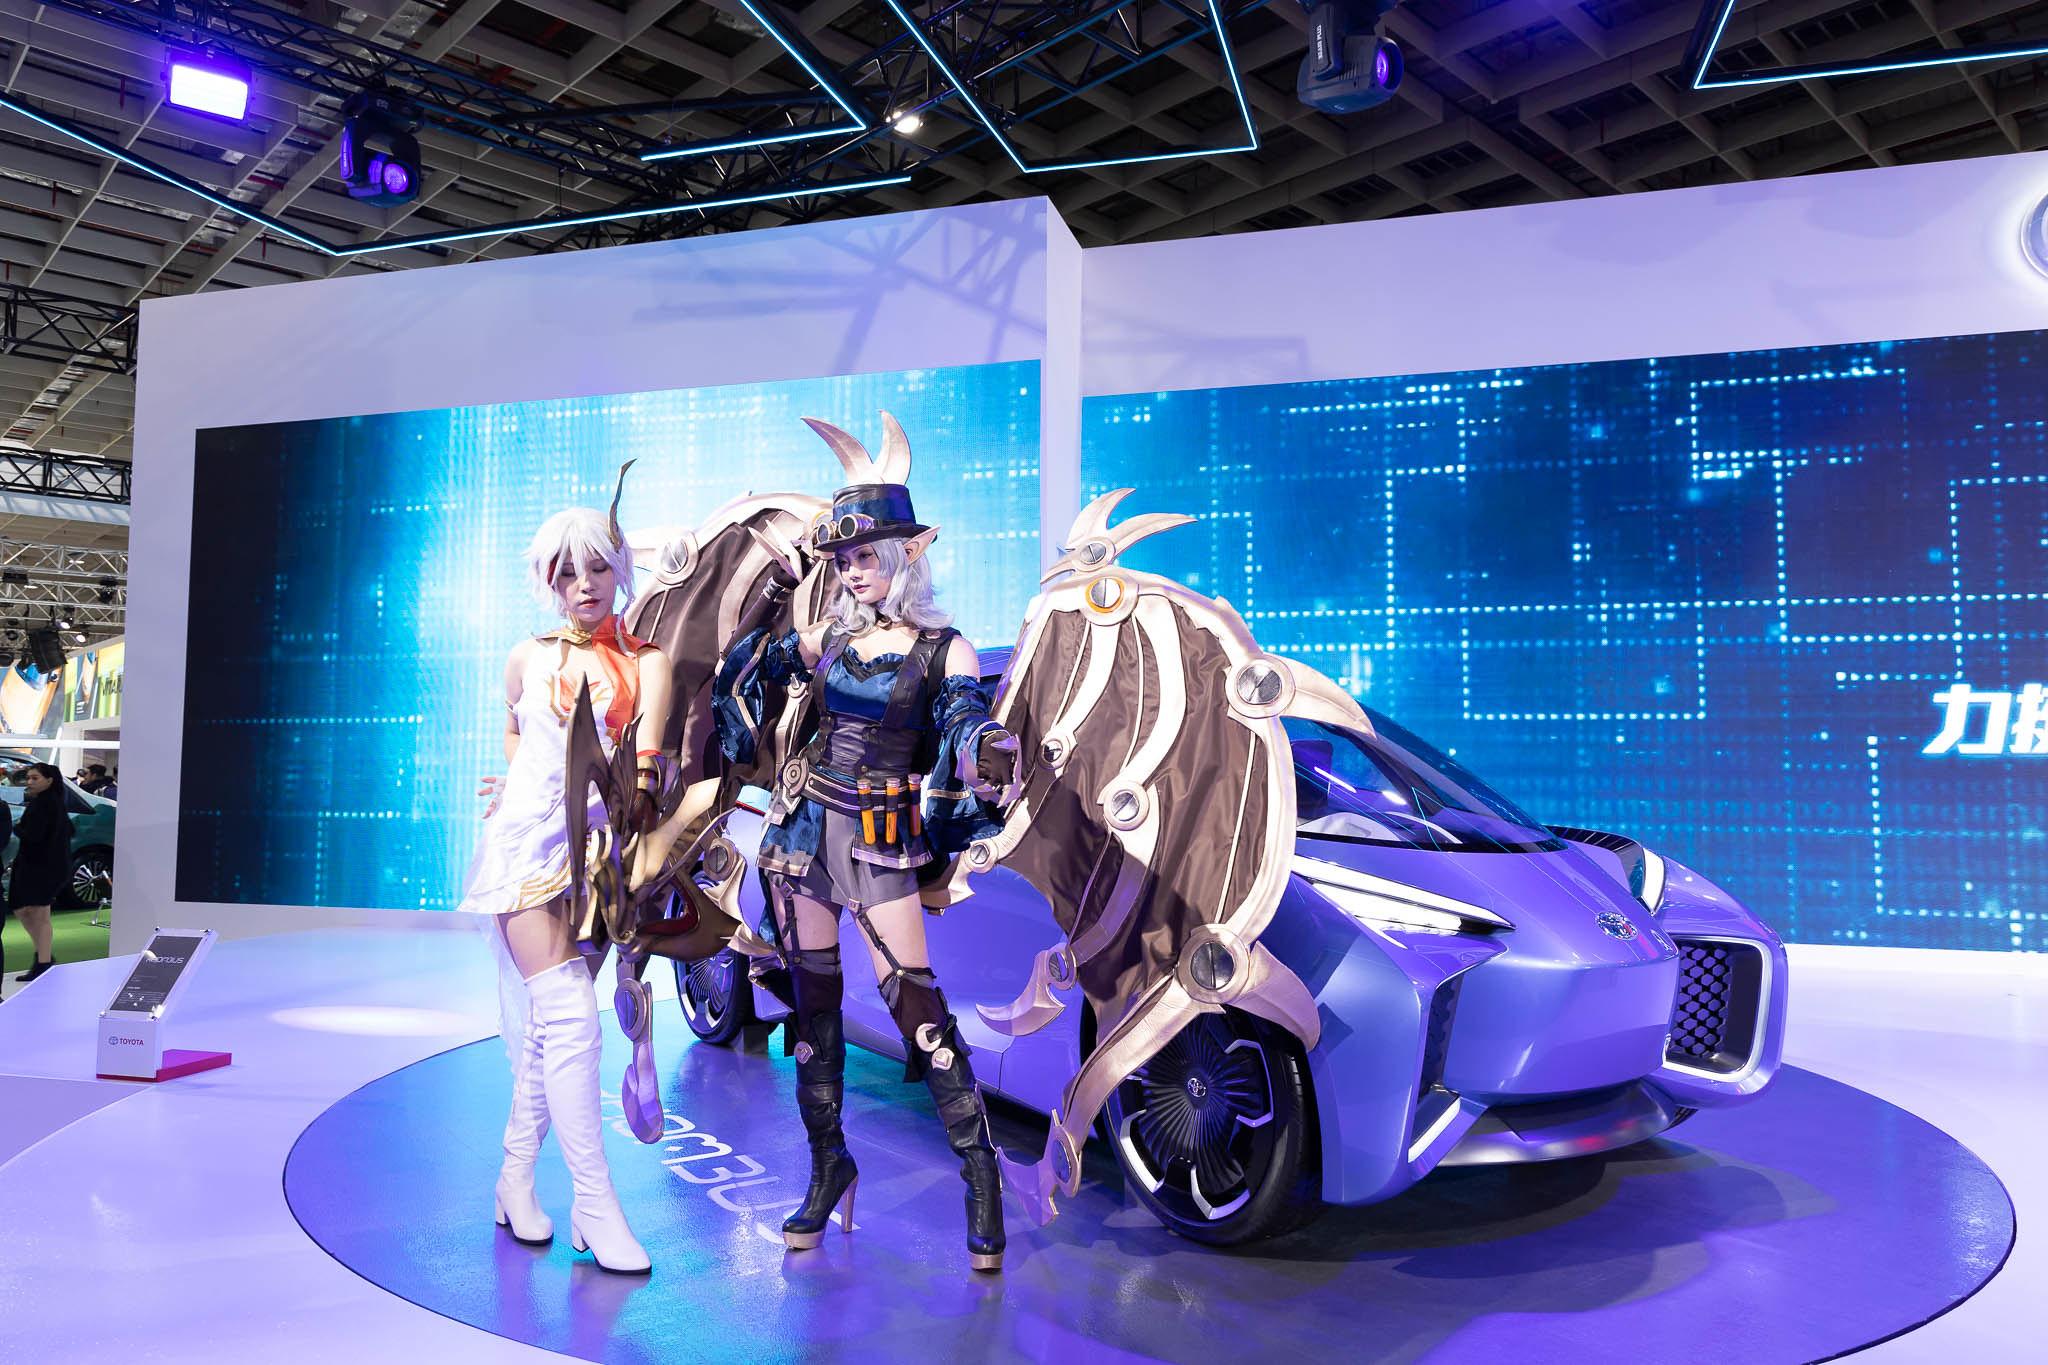 汽車 Cars - 台北 2020 Taipei 2020 #0030